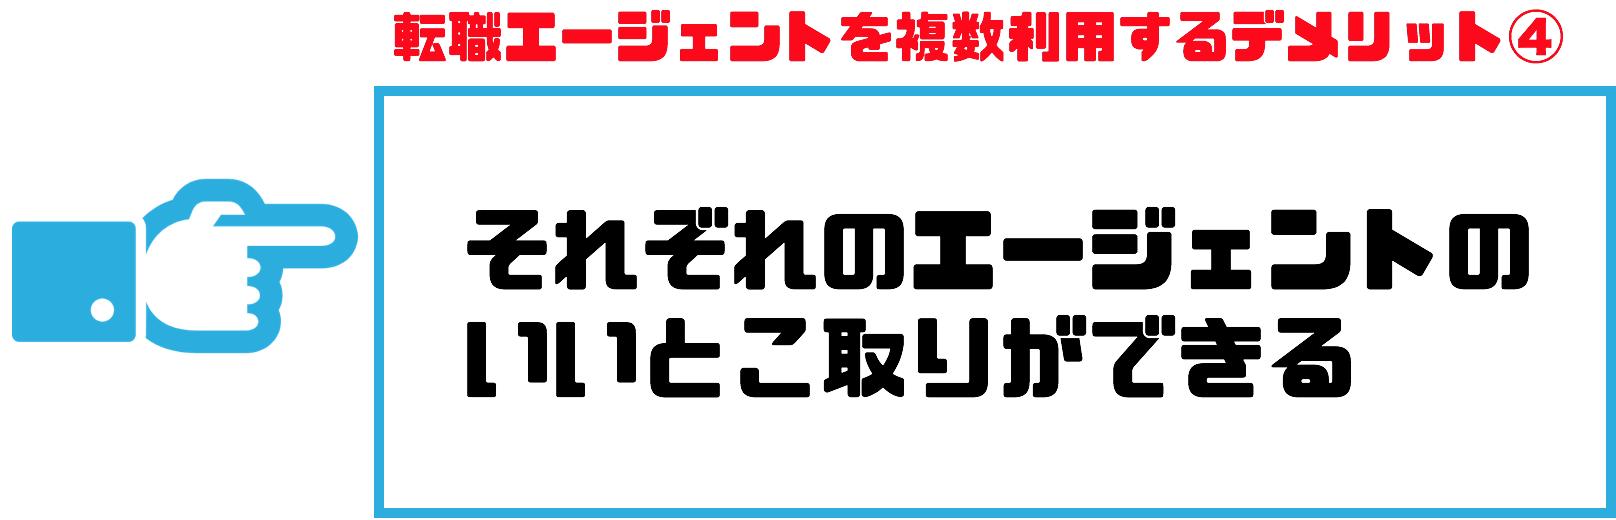 転職エージェント_複数08